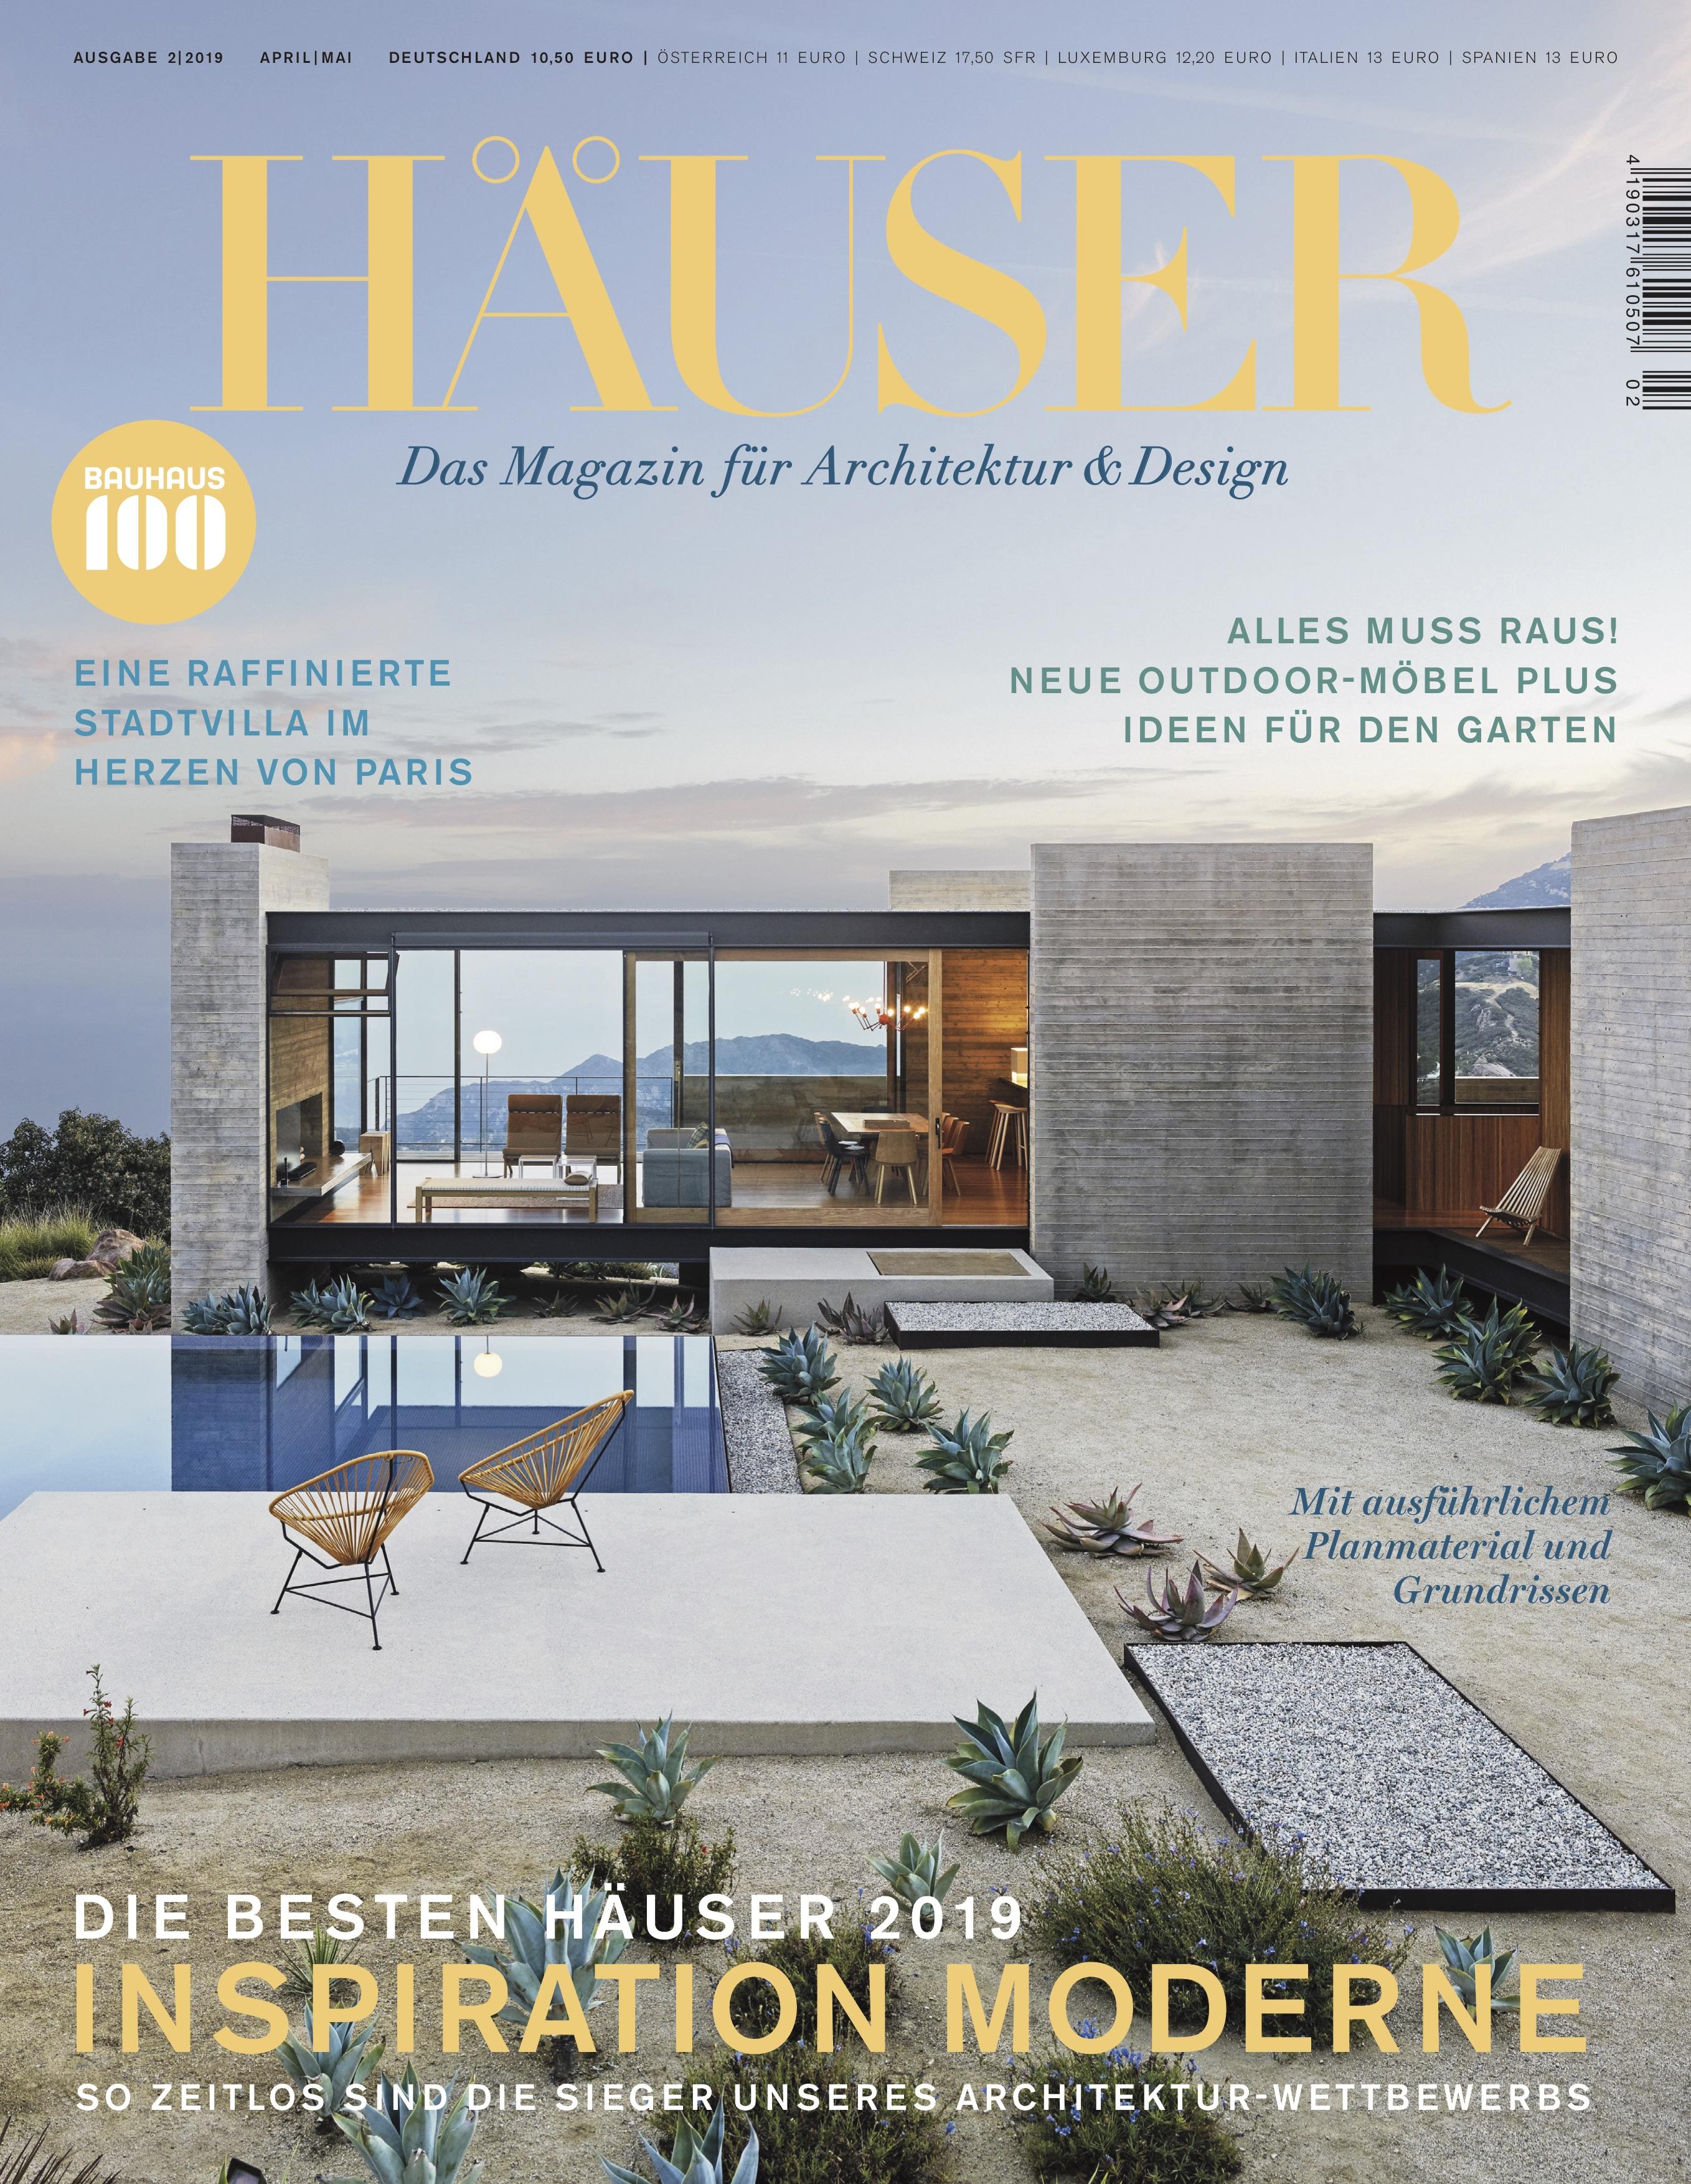 Häuser Award 2019 Die Besten Einfamilienhäuser In Der Tradition